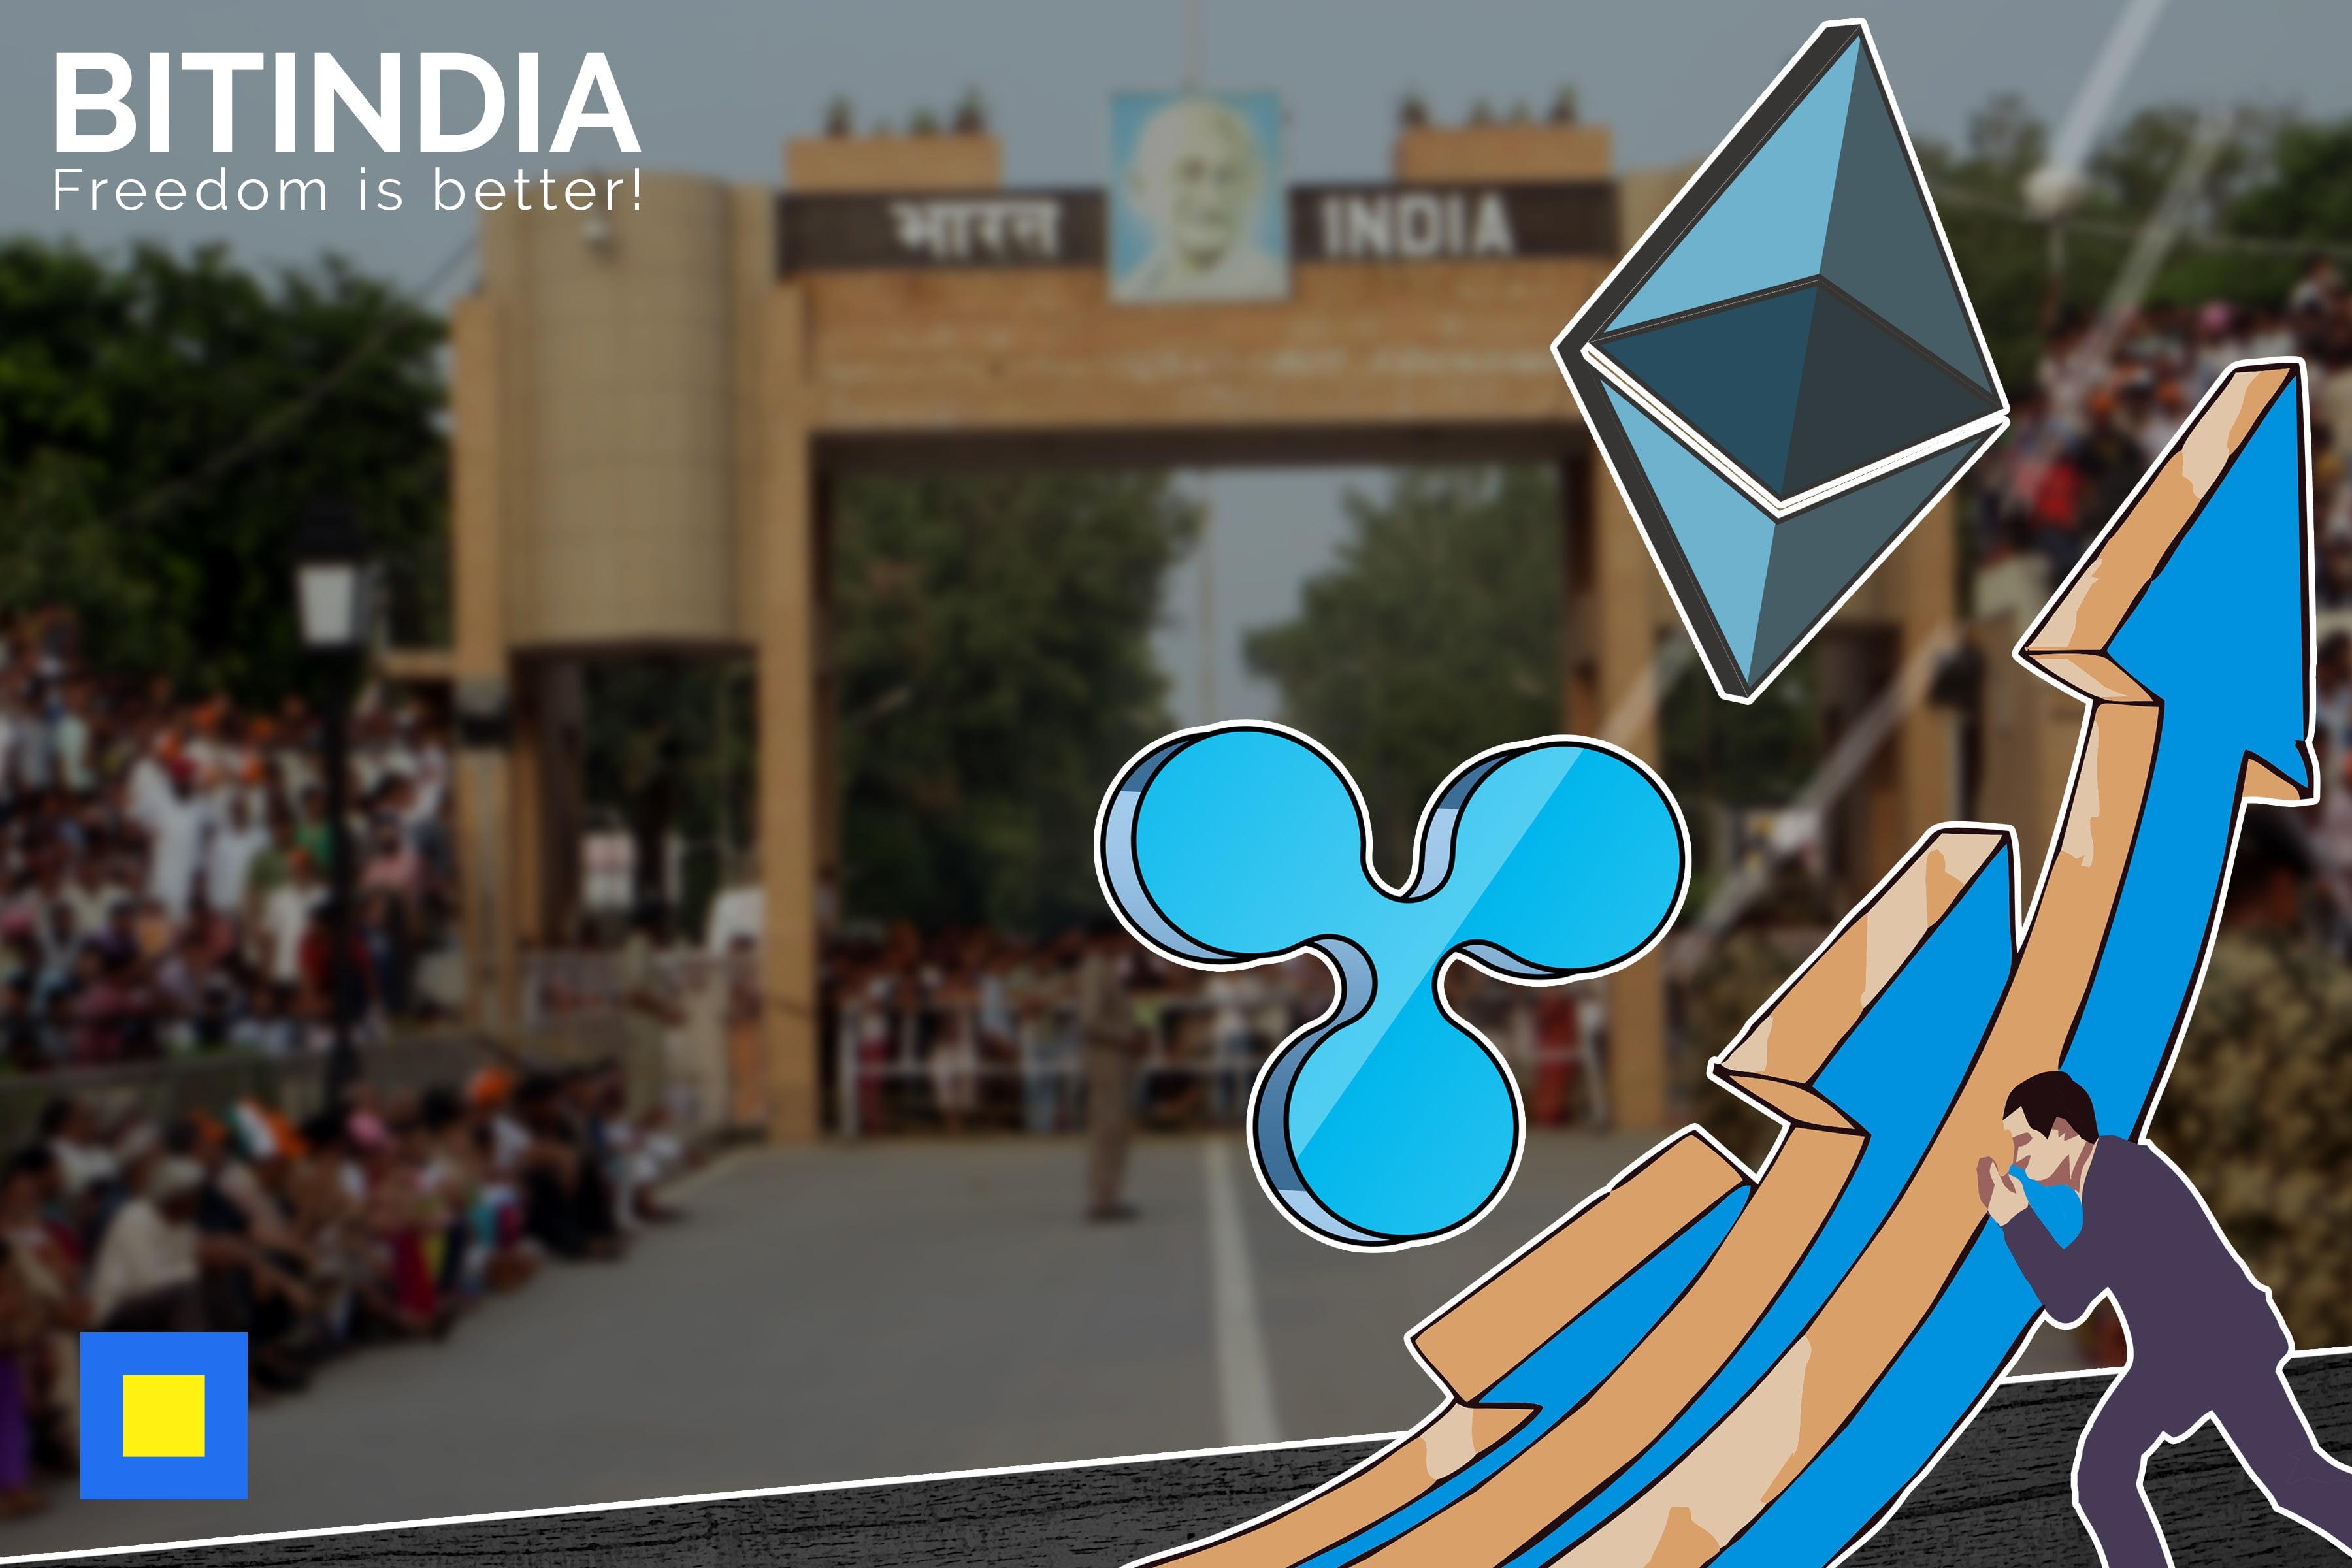 BitIndia